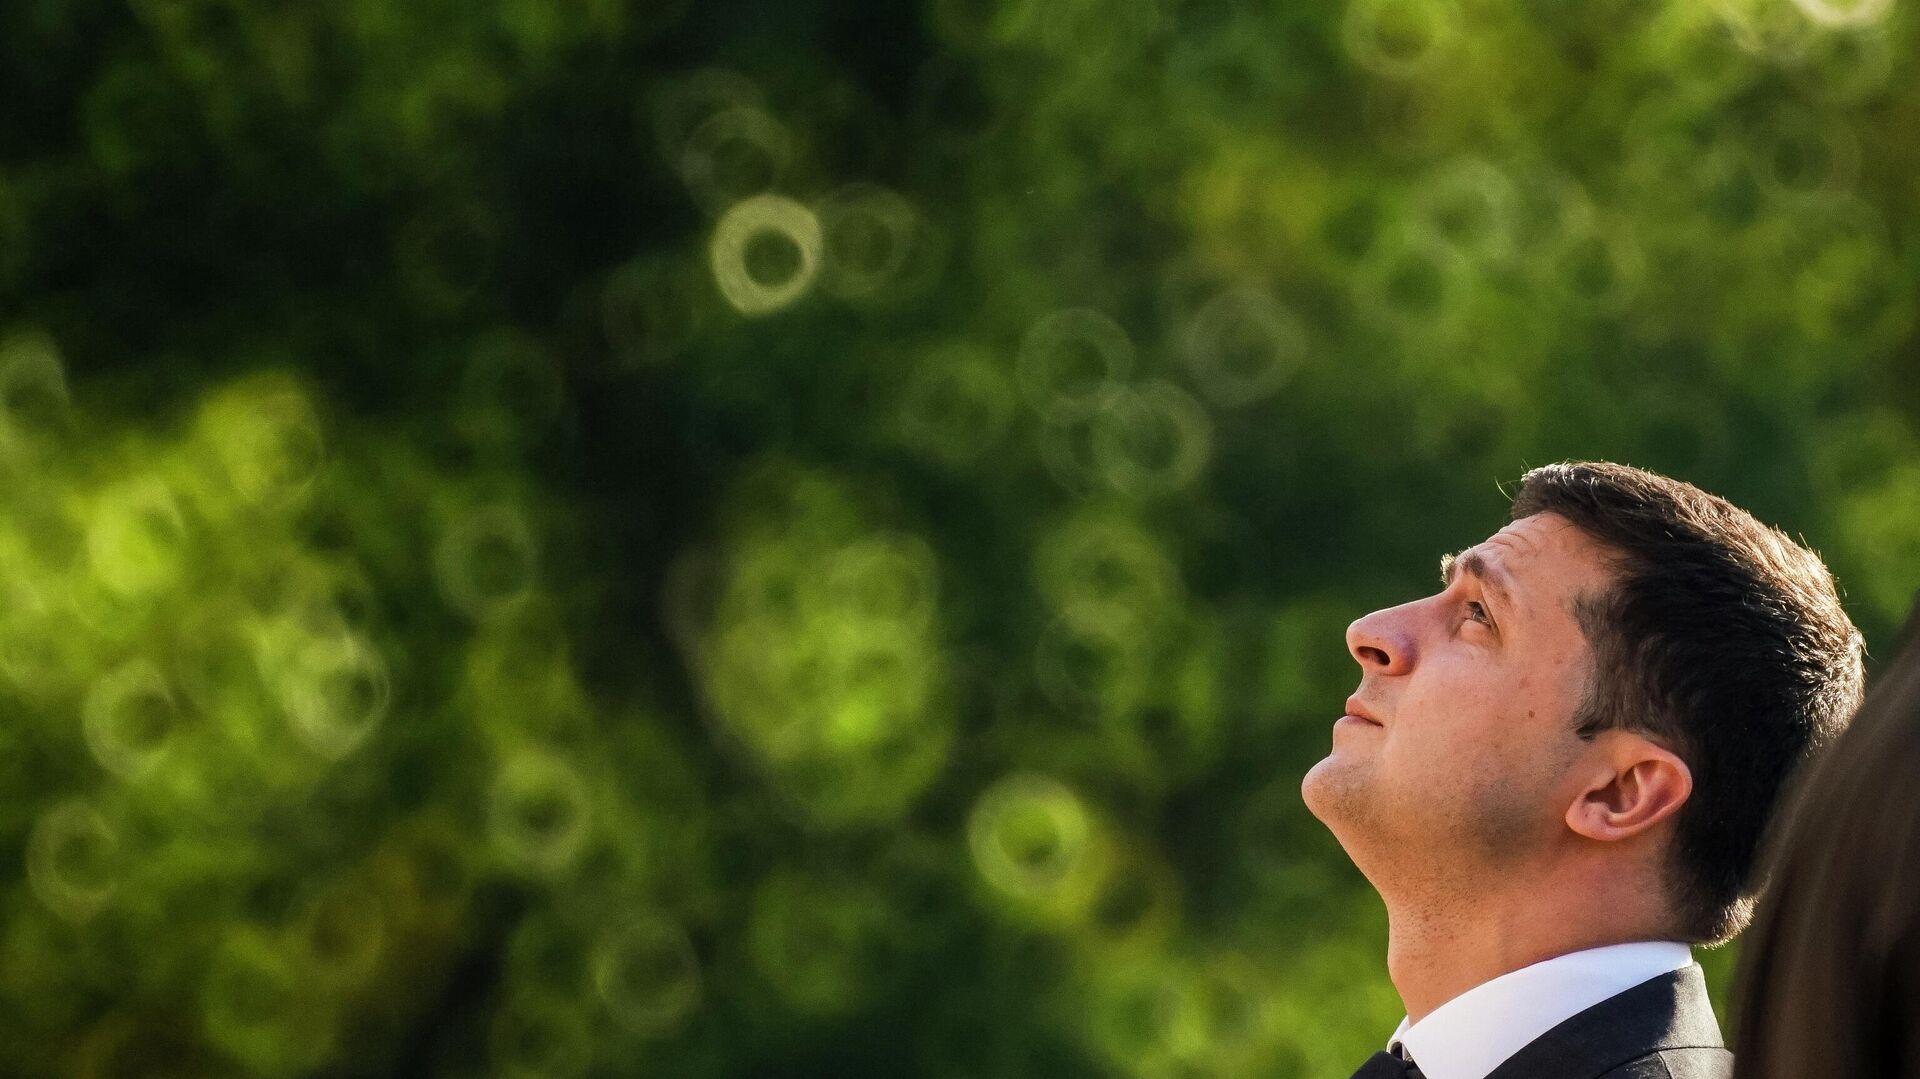 Президент Украины Владимир Зеленский на церемонии возложения цветов к памятнику Свободы в Риге. 16 октября 2109 - РИА Новости, 1920, 05.08.2021